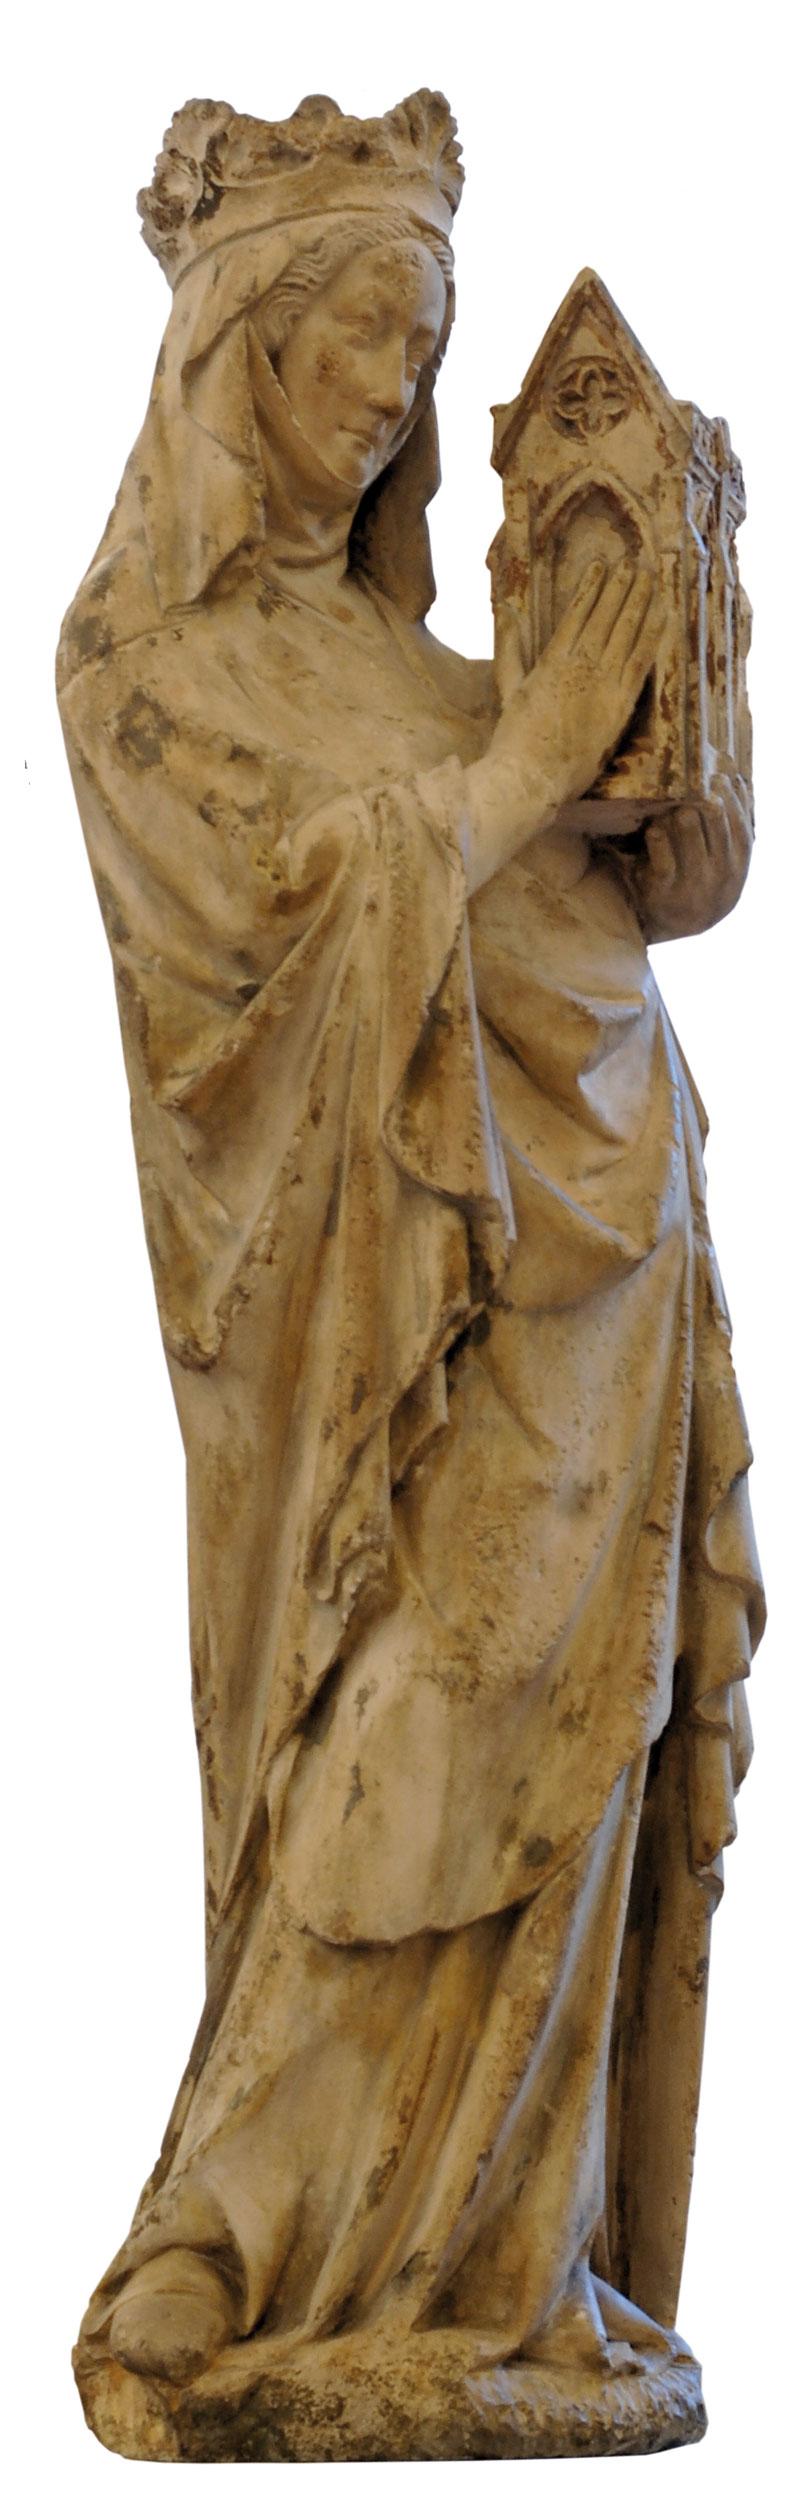 Statue der Königin Johanna I. von Navarra als Stifterin